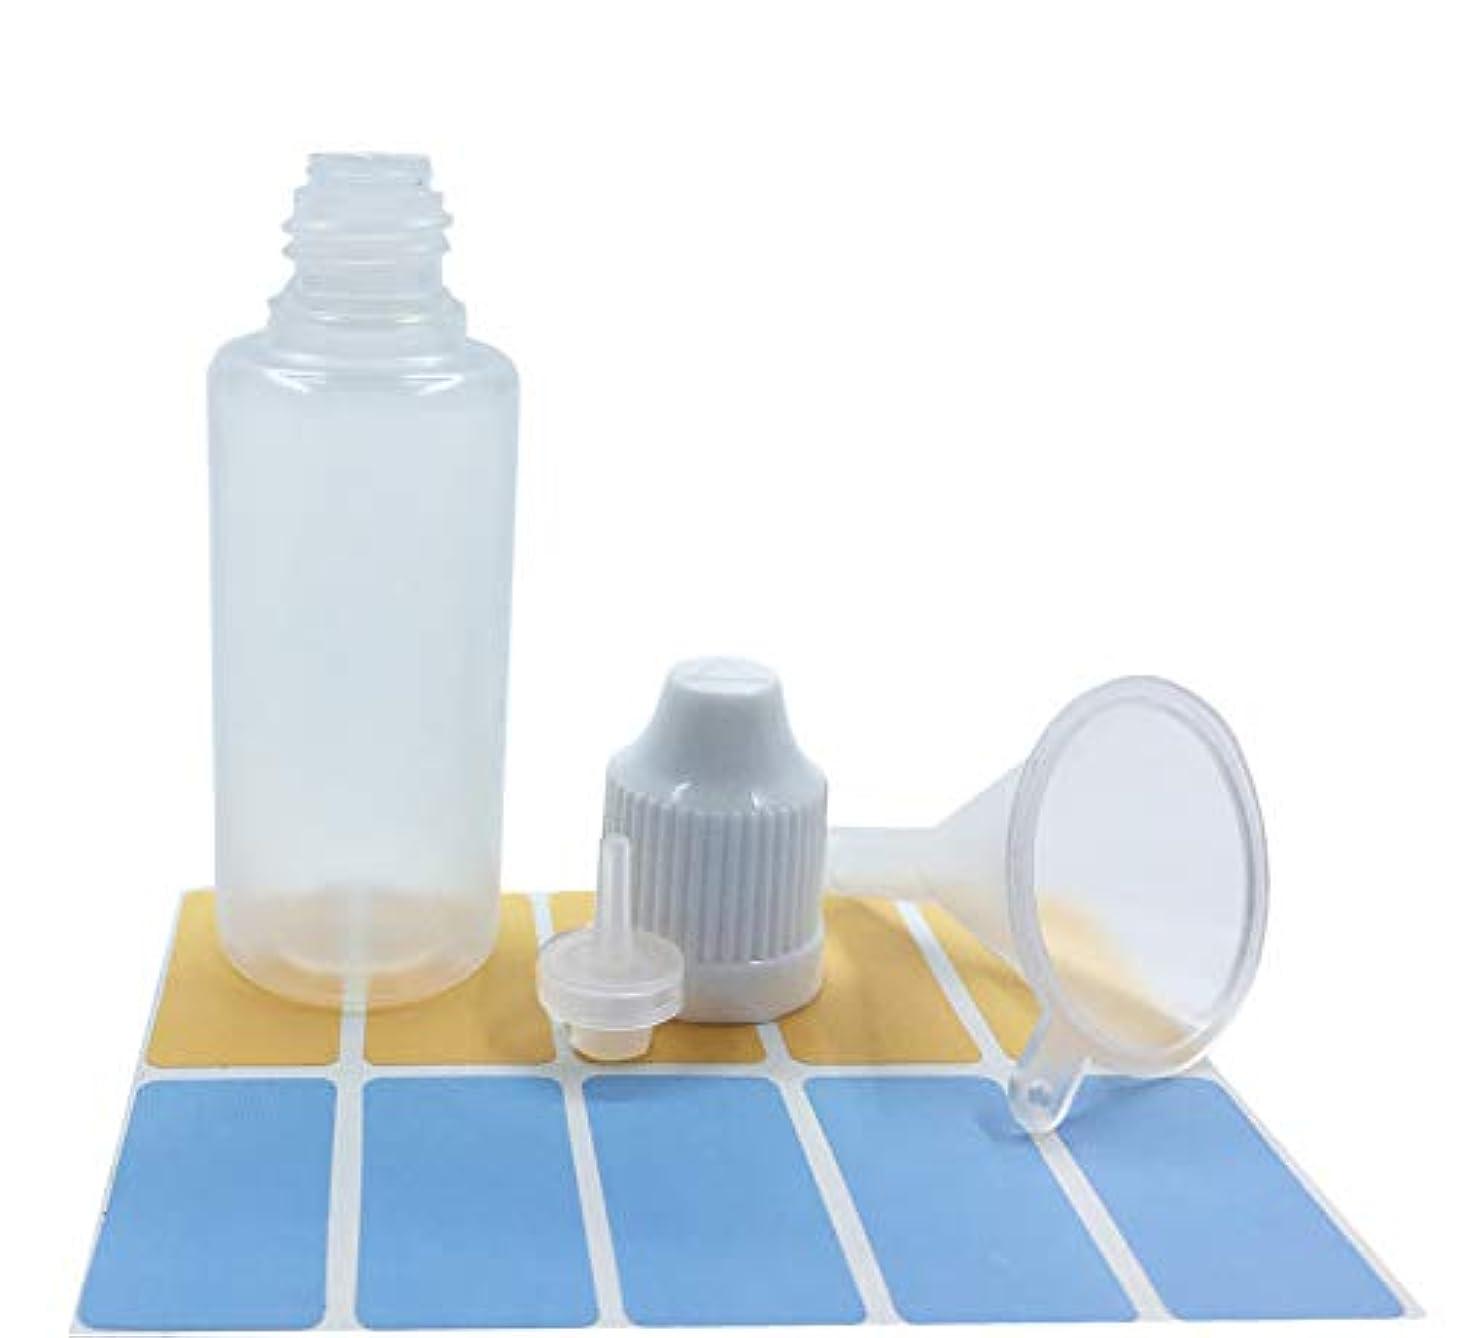 三十累積ヤギ10個 20mlドロッパーボトル スポイトタイプ容器 プラスチック製 点眼 液体 貯蔵用 滴瓶 (20ml, 白色)